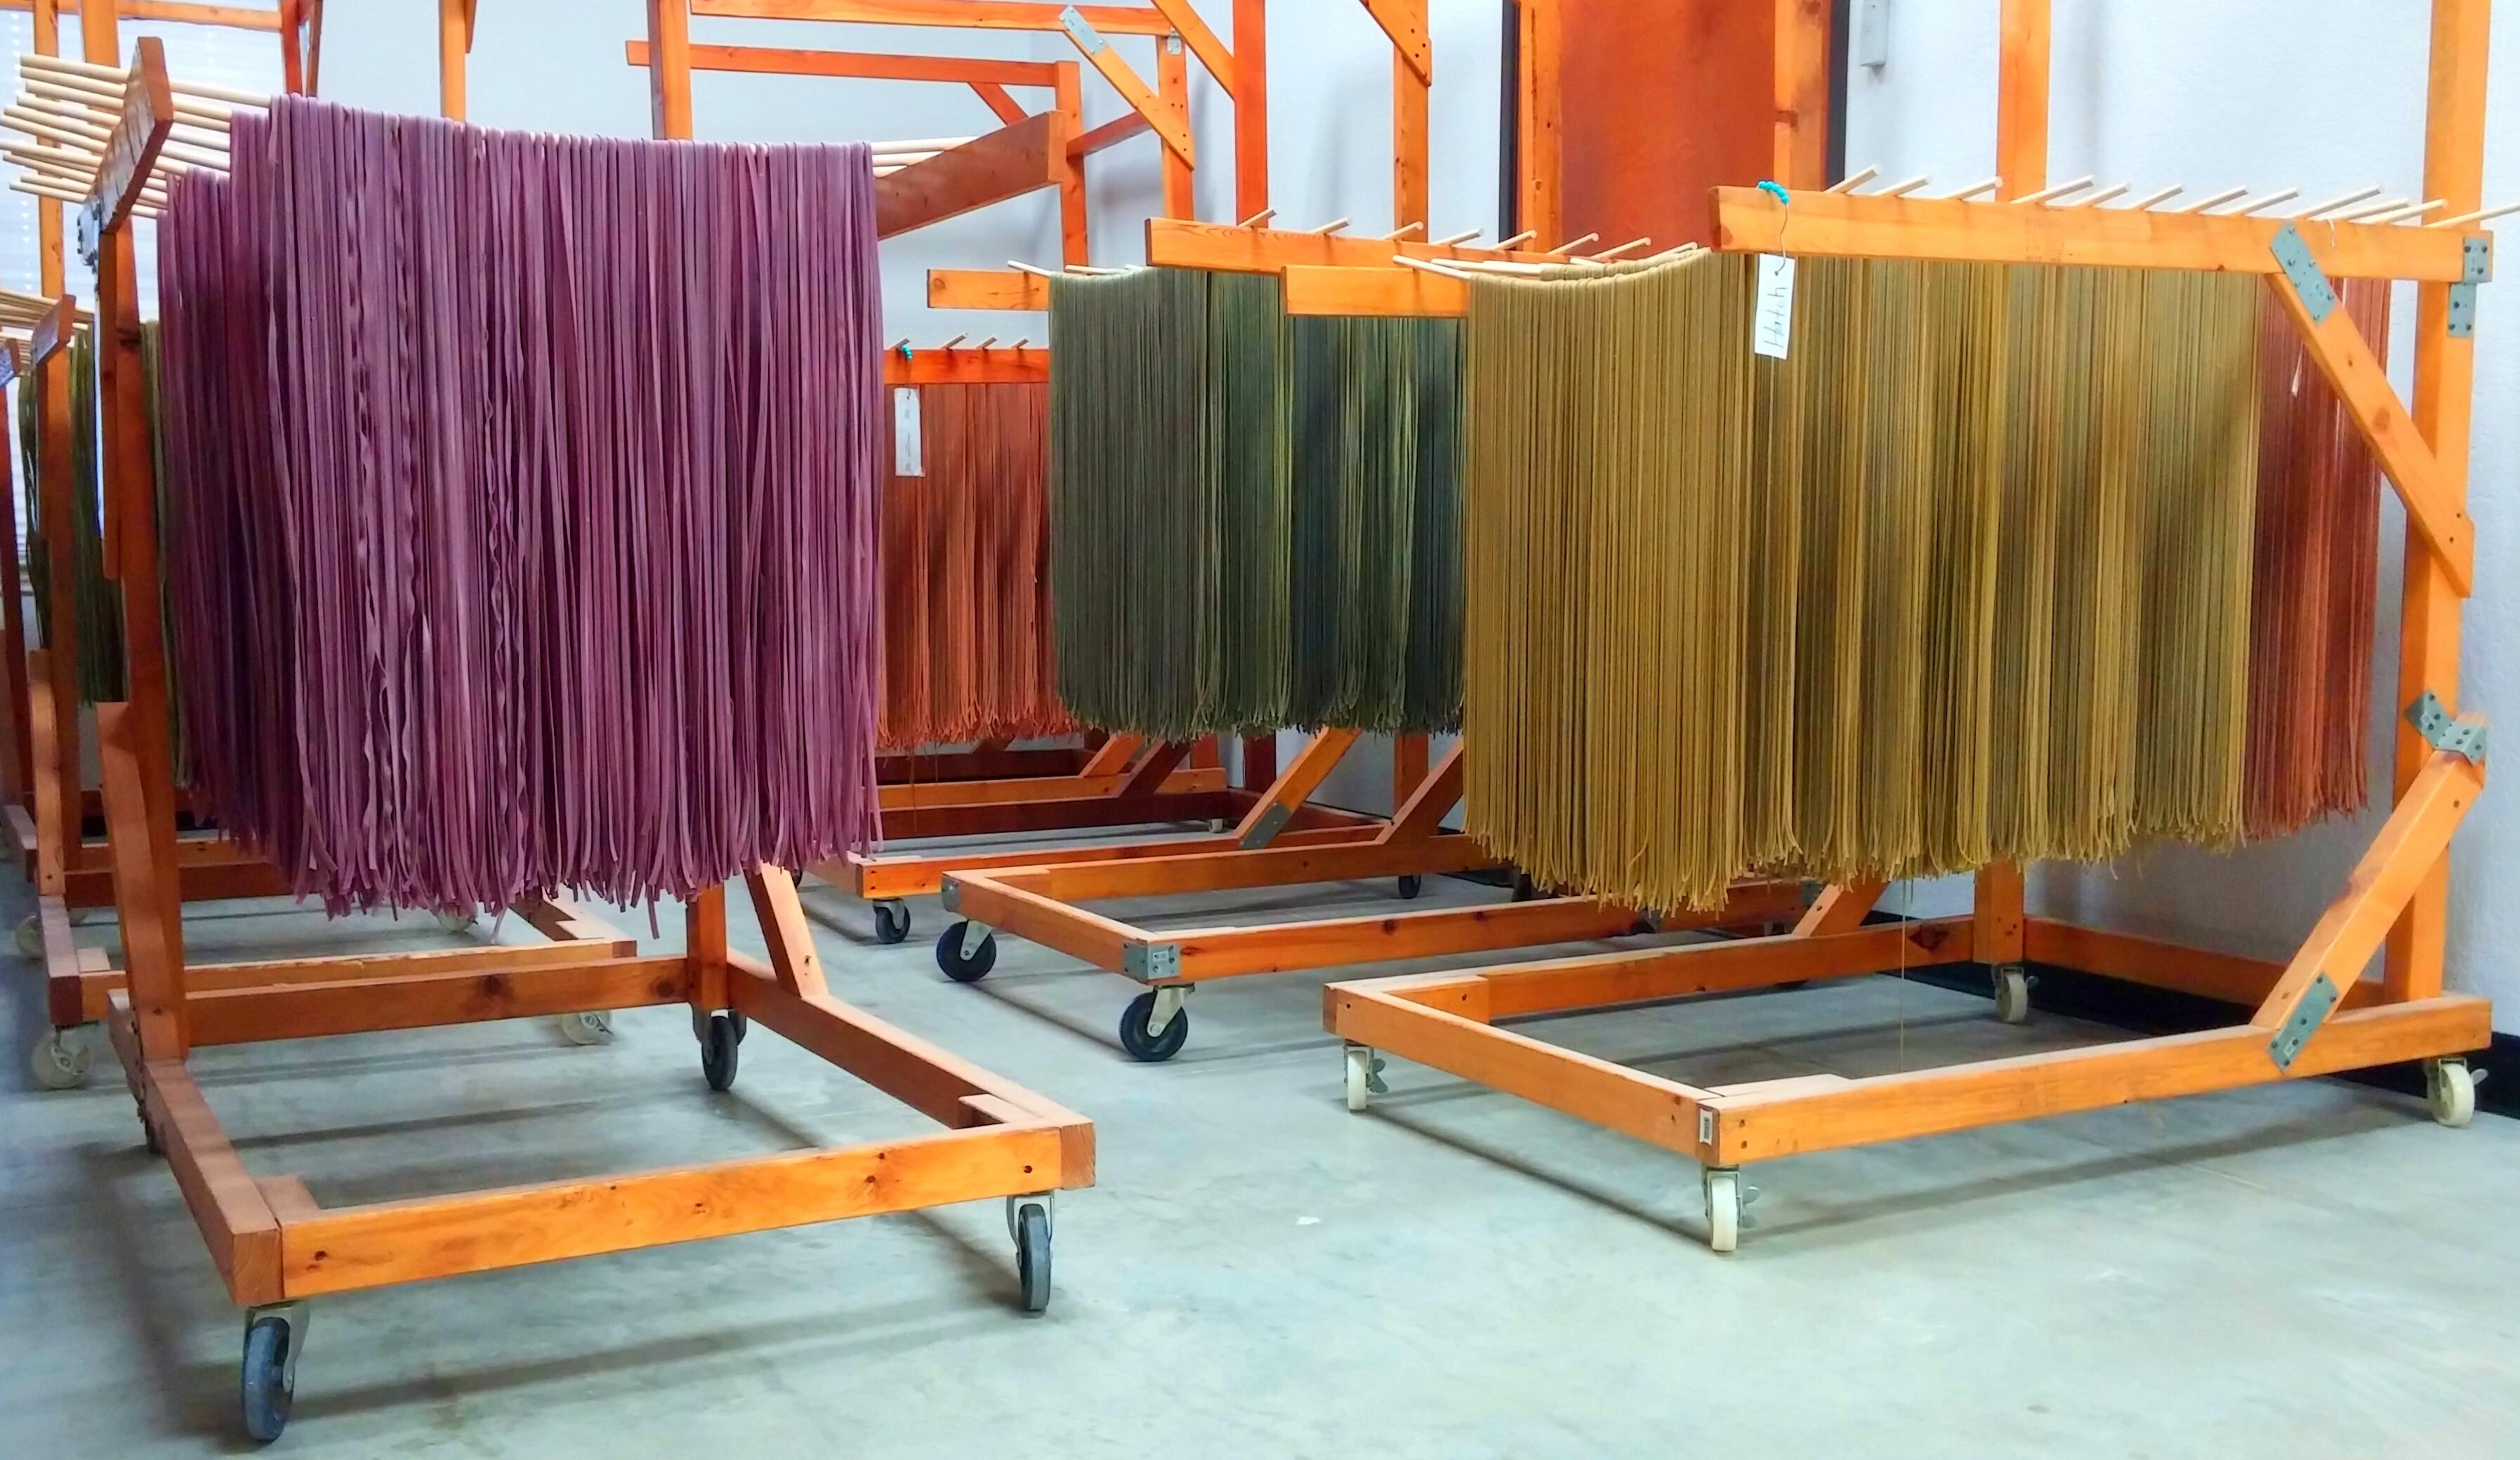 hanging pasta [148697]